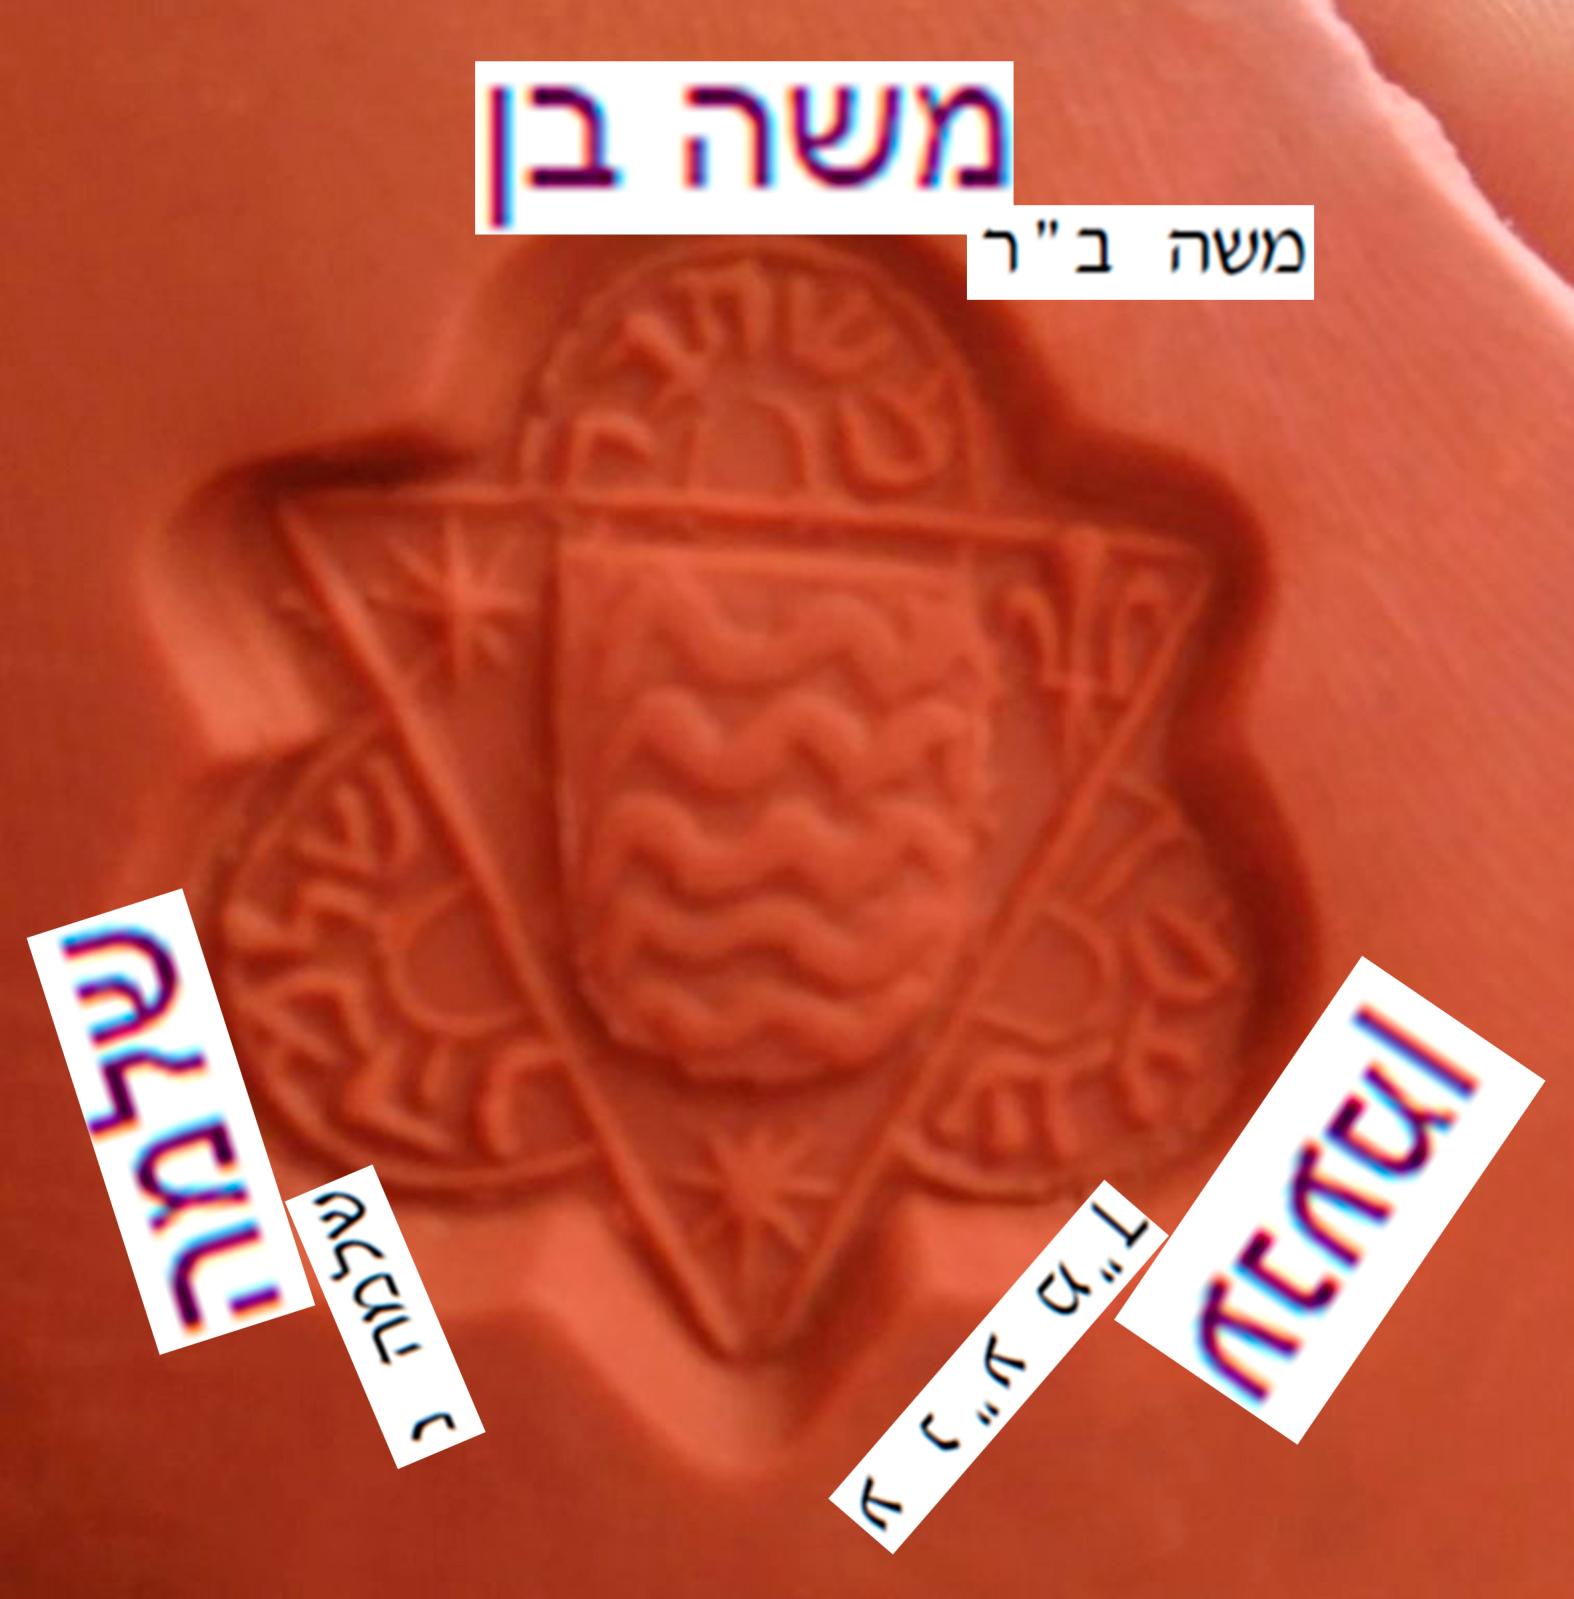 Ayuda a descifrar esta matriz Ebrea  - Página 2 142605u